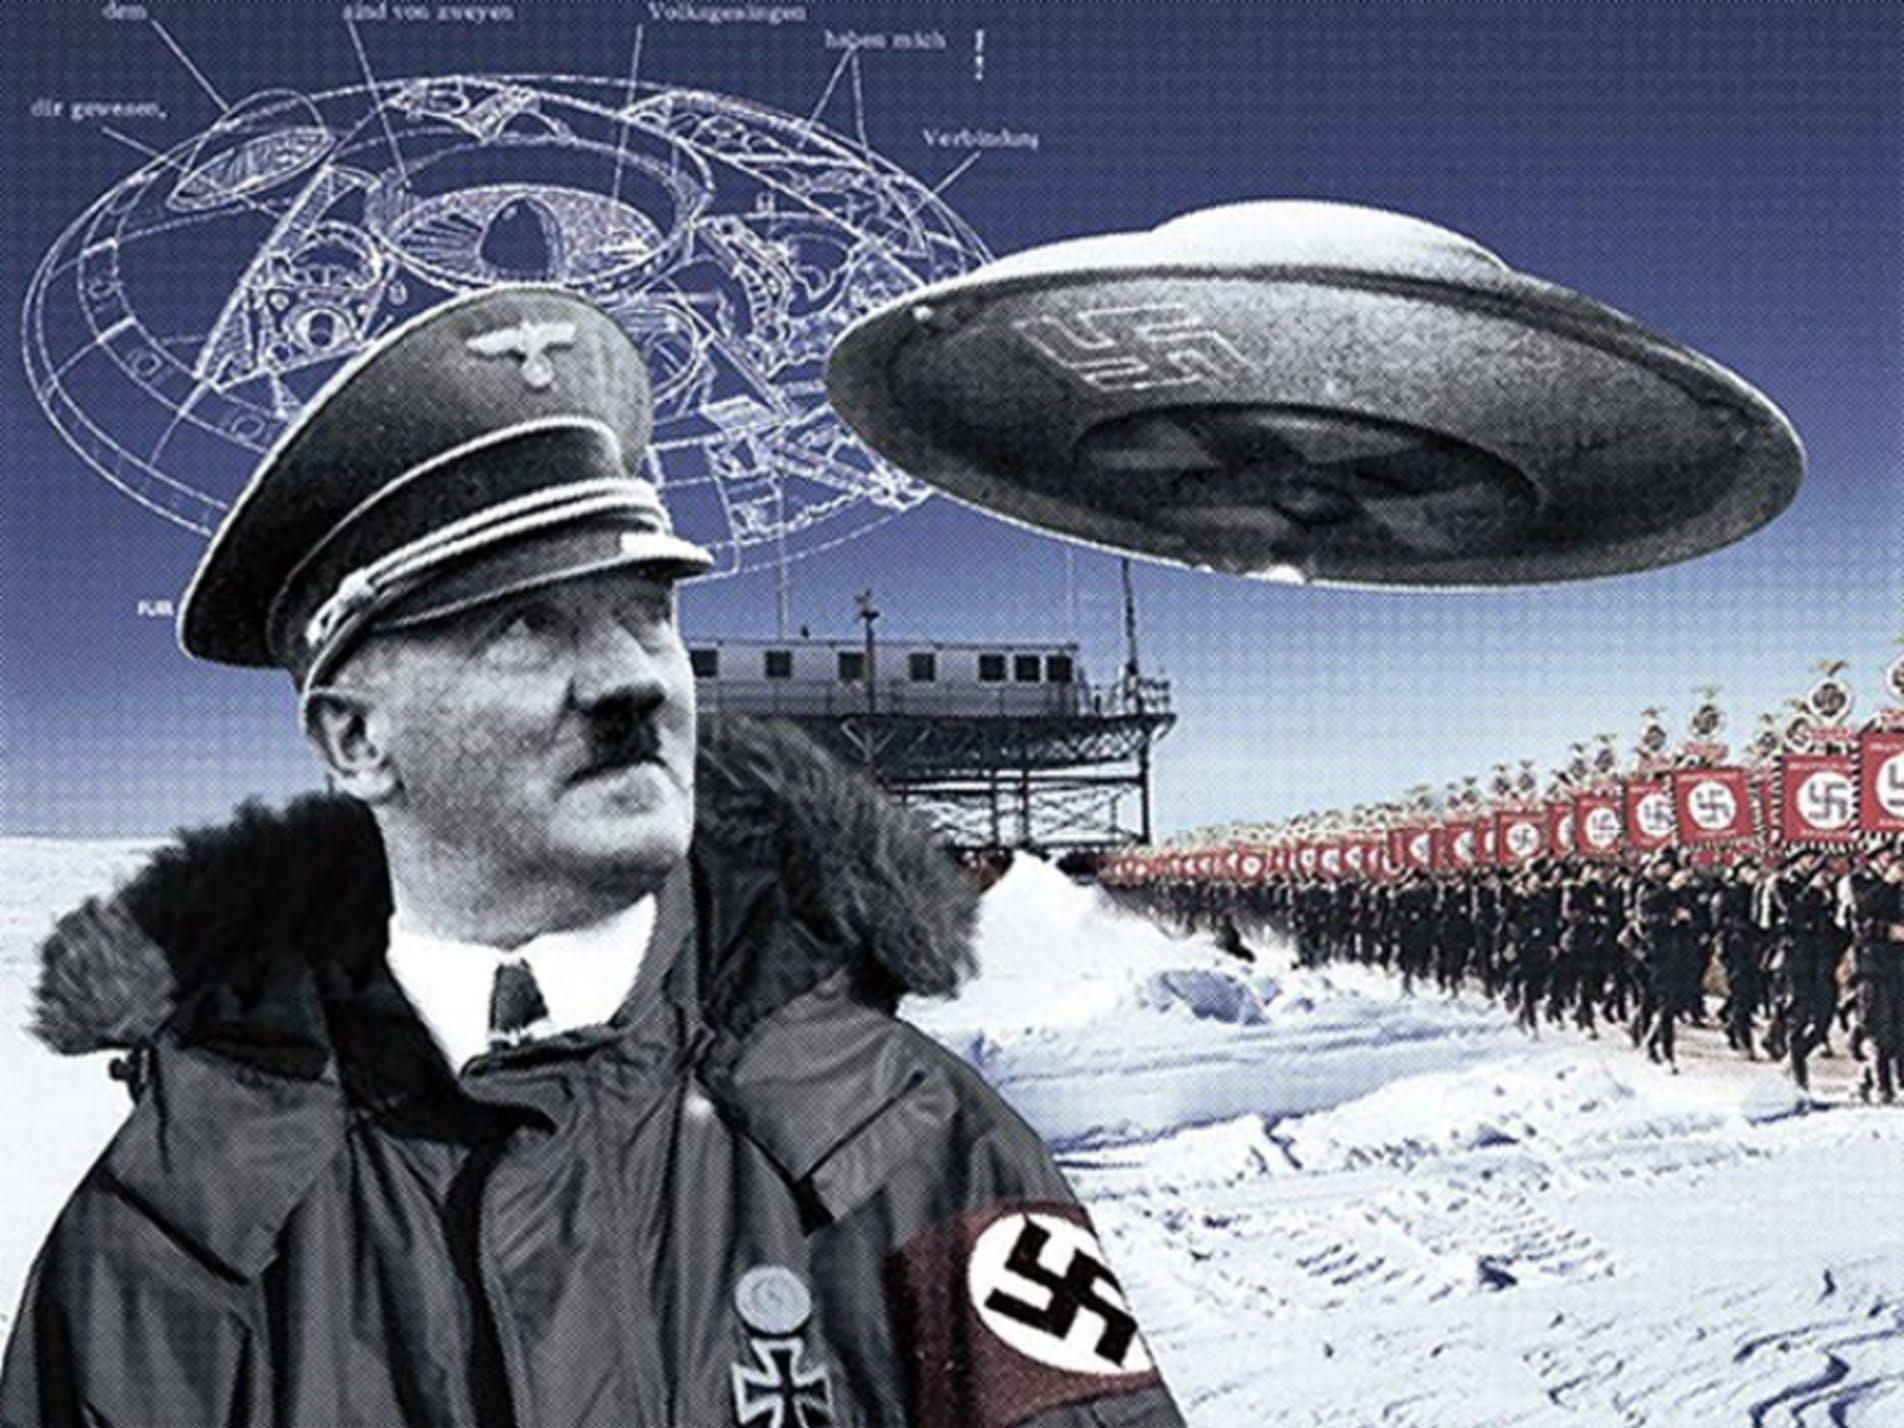 El misterio de los OVNI construidos por los nazis - Diario la tercera